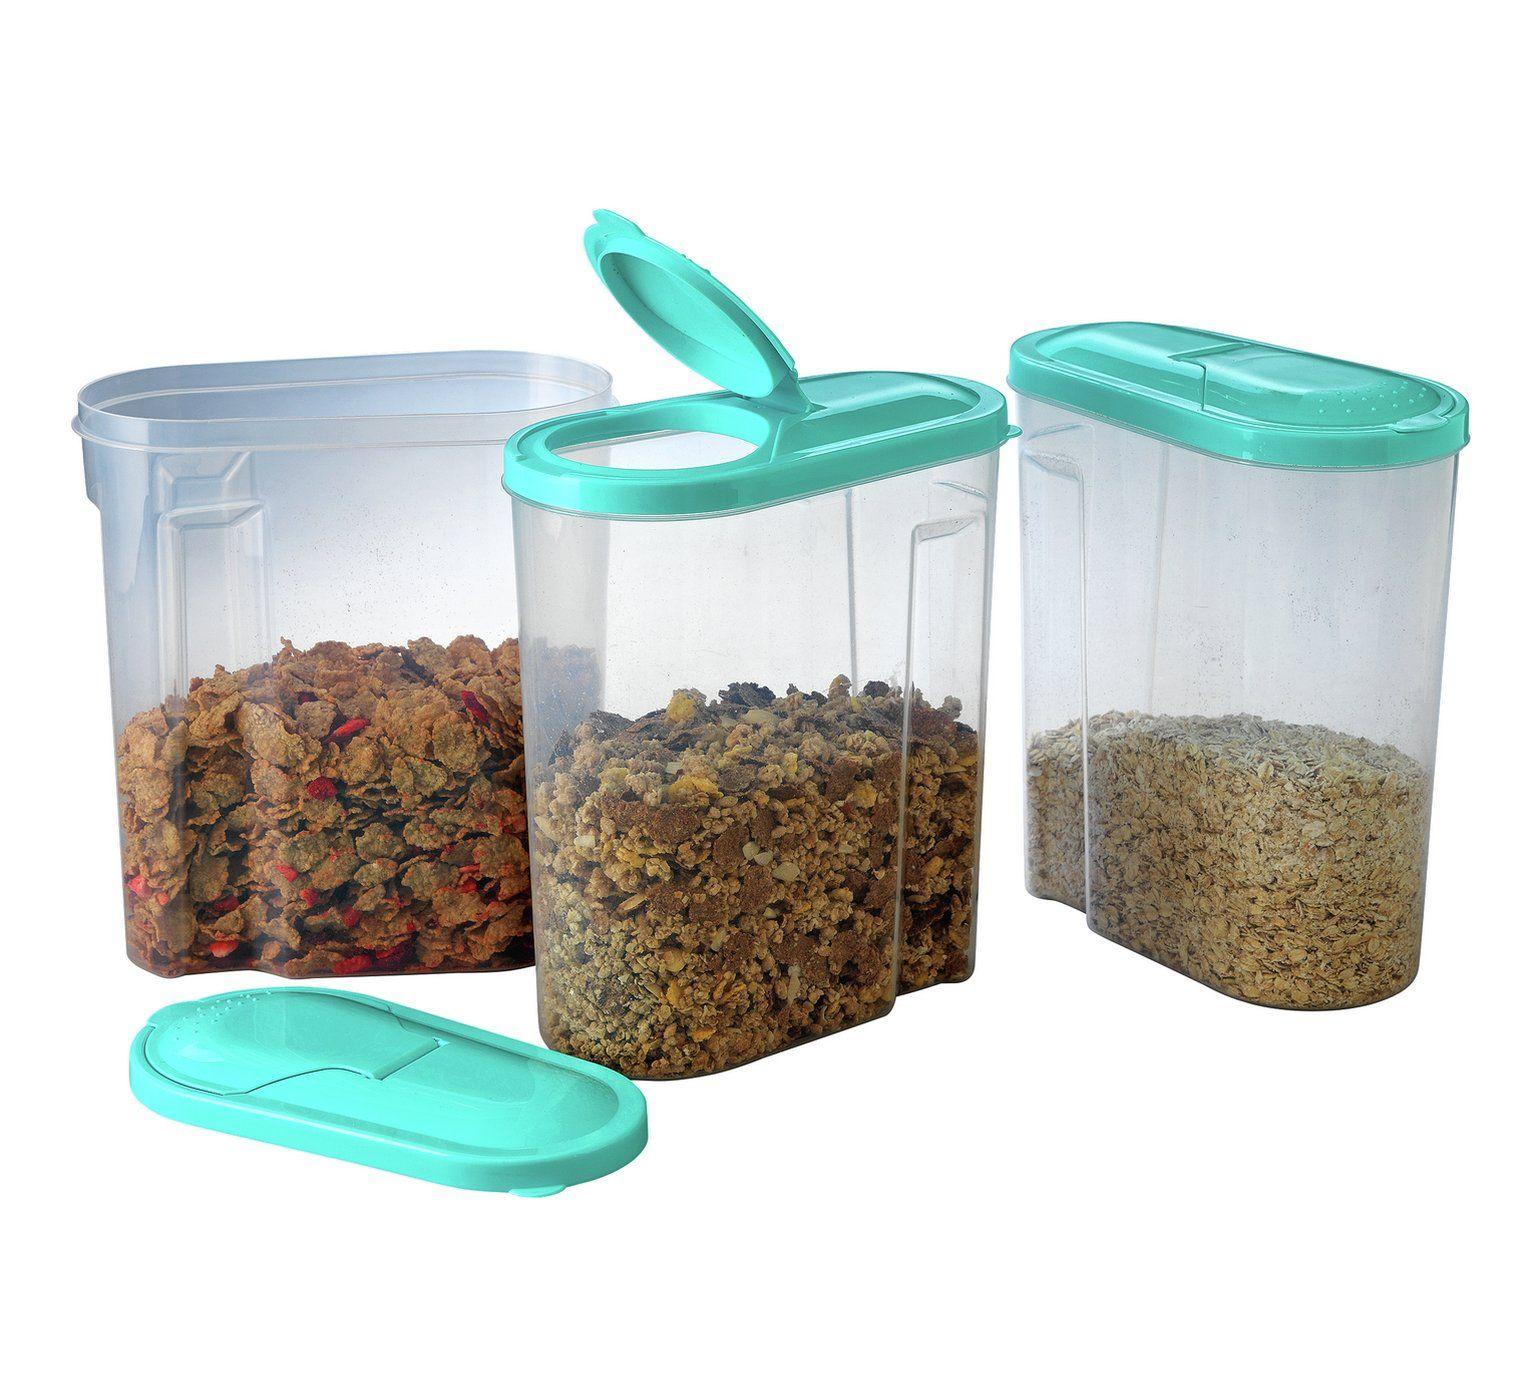 Buy Argos Home 5 Litre Cereal Dispenser Set Of 3 Food Storage